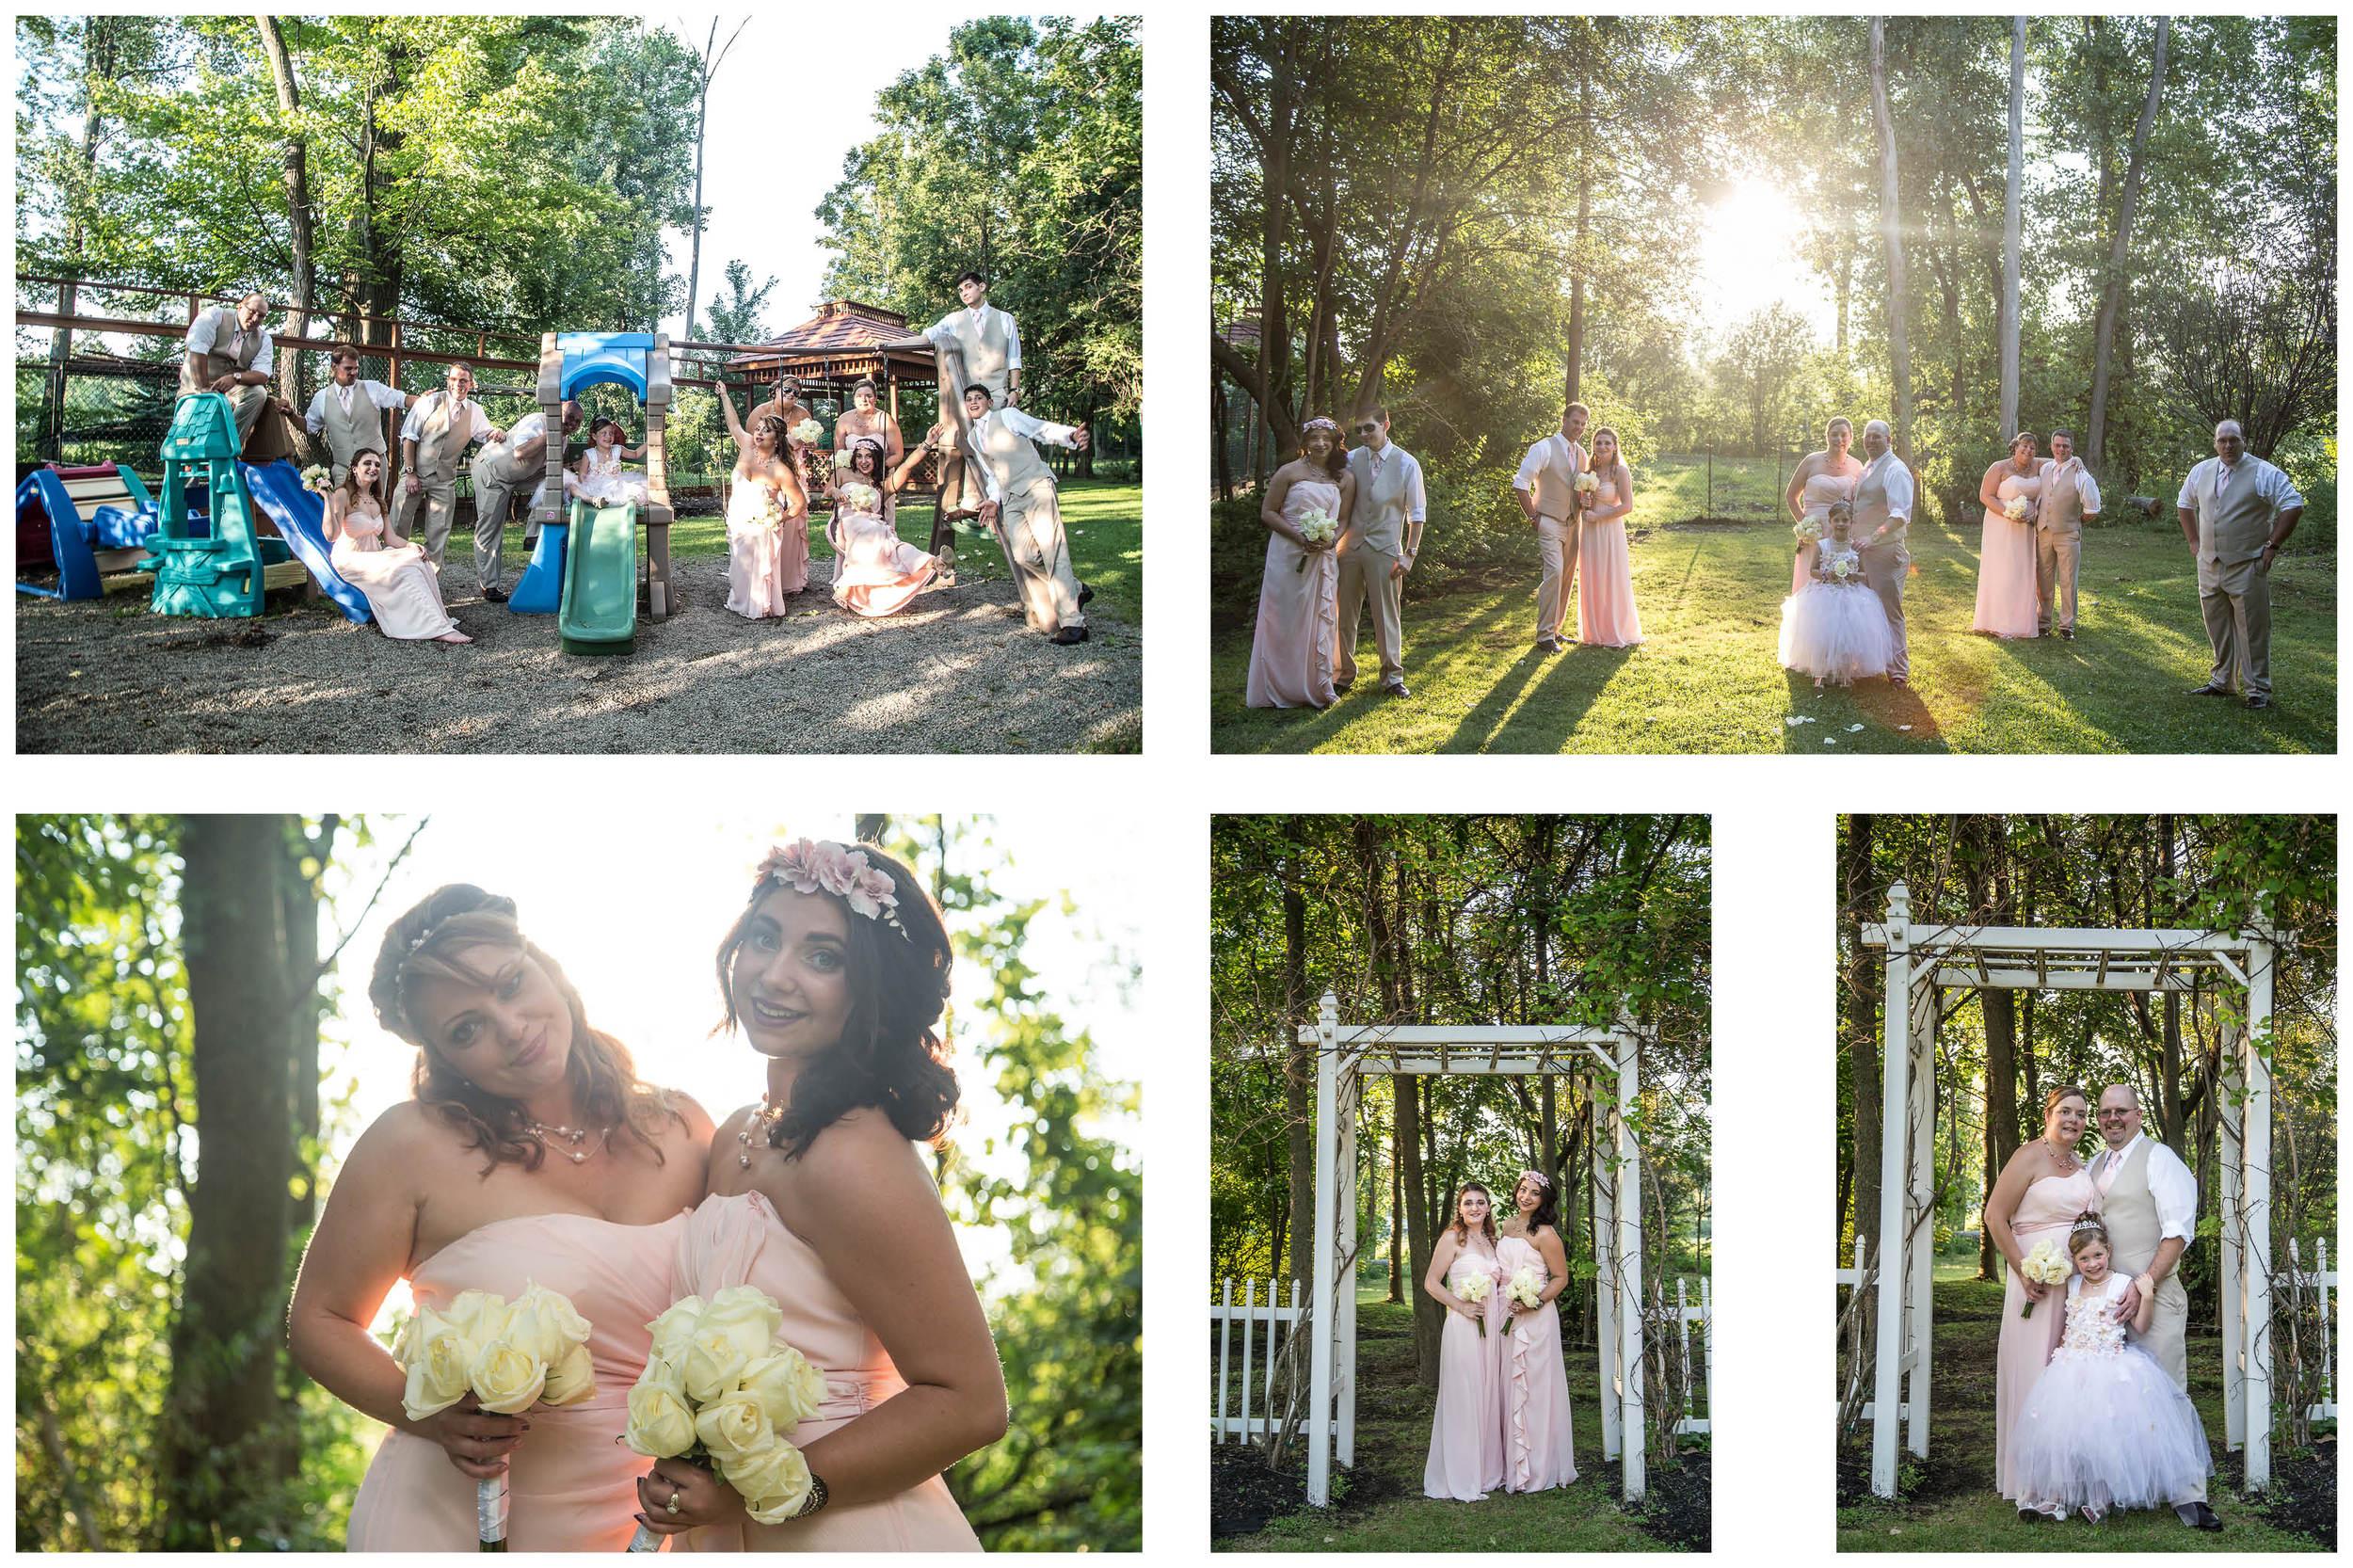 familyand bridal5.jpg